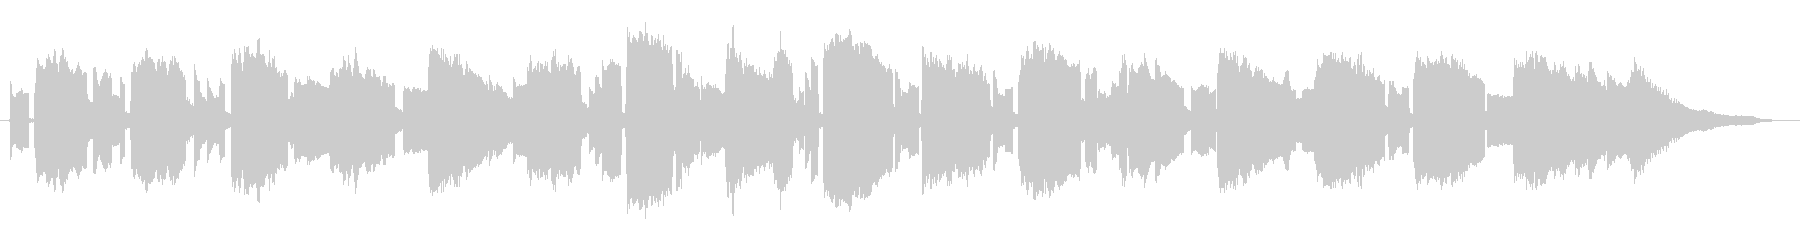 リコーダー ピアノのアメイジンググレースの未再生の波形